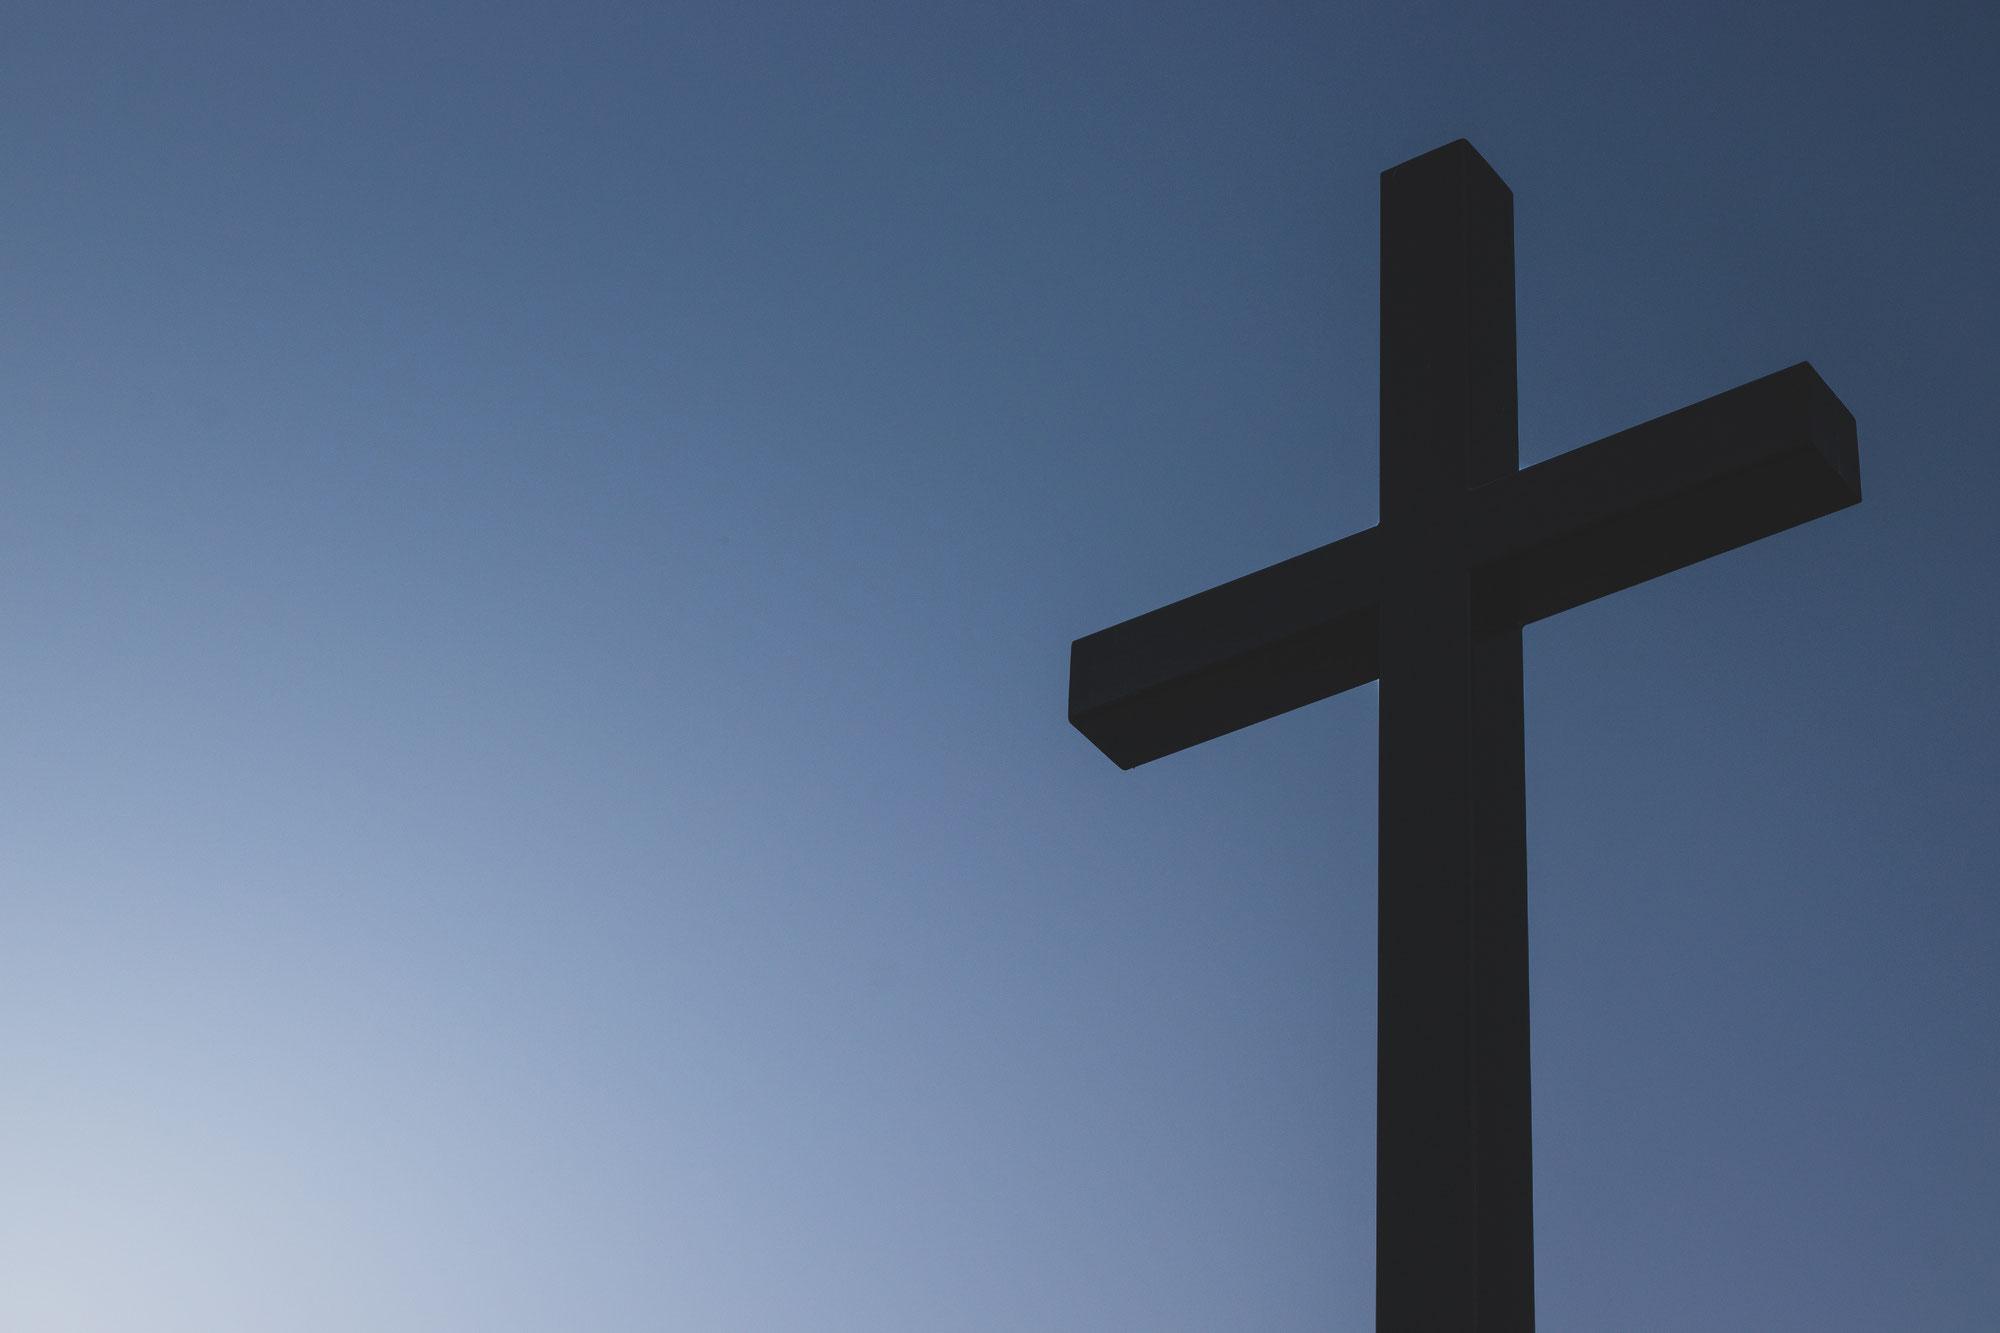 Suizidbeihilfe darf kein Angebot in kirchlichen Einrichtungen sein